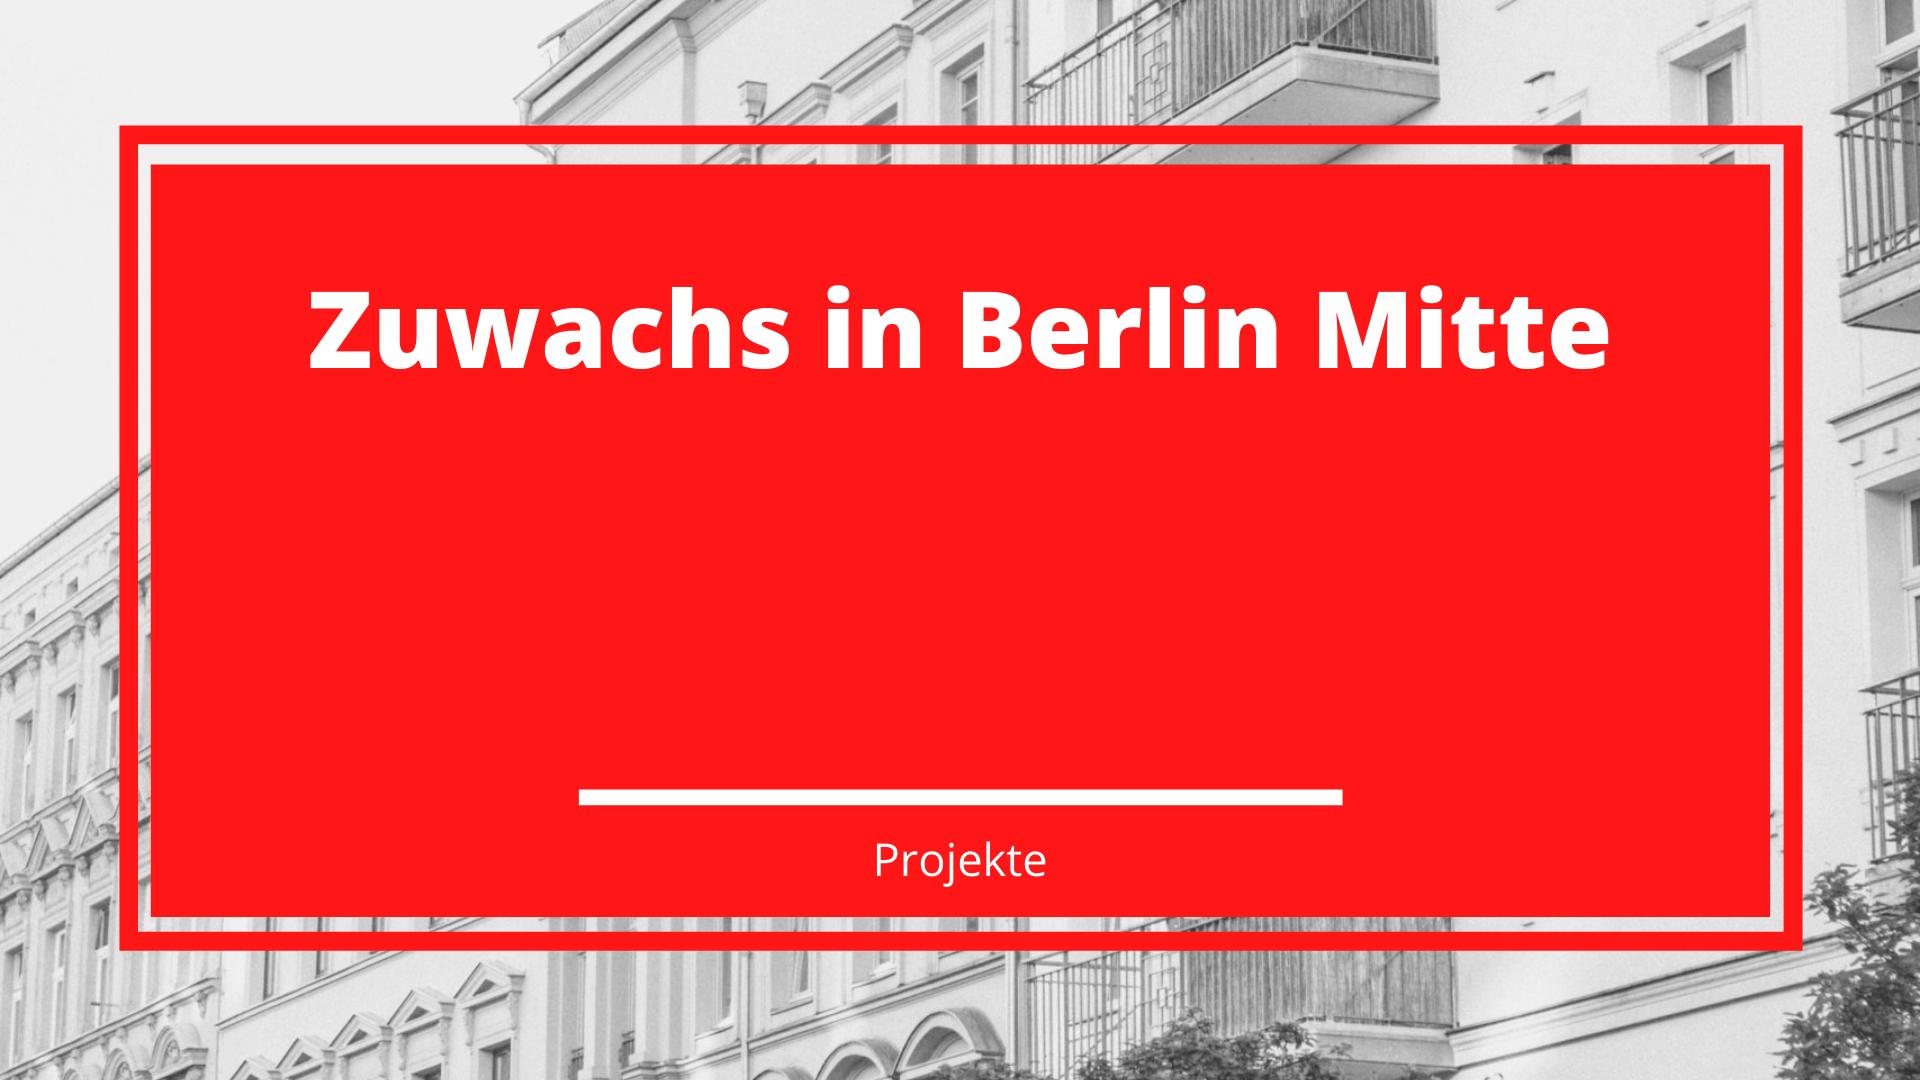 Zuwachs in Berlin Mitte